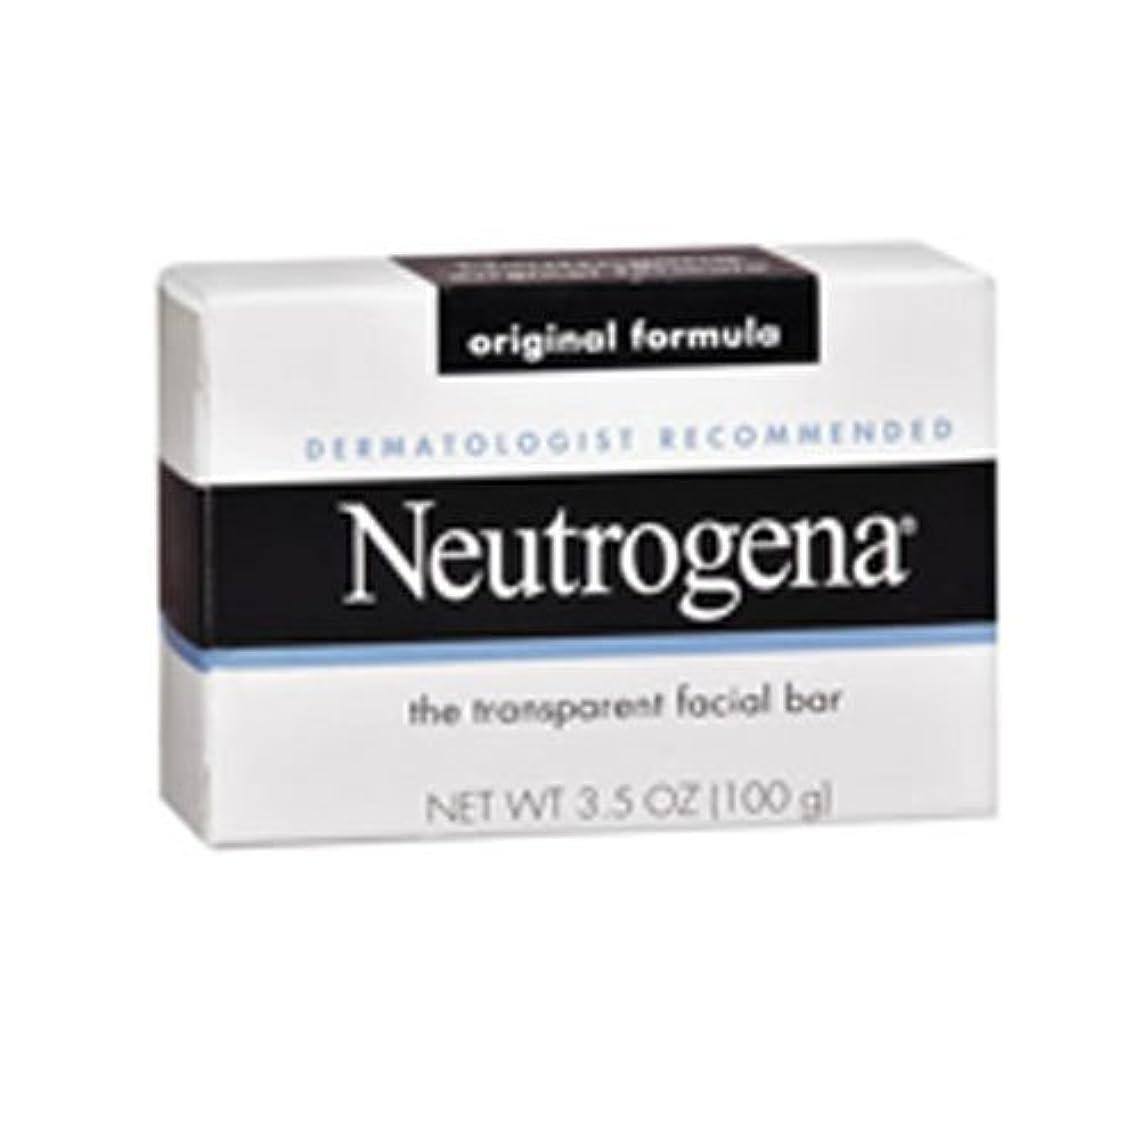 スロークラシカルようこそ海外直送肘 Neutrogena Transparent Facial Soap Bar, 3.5 oz